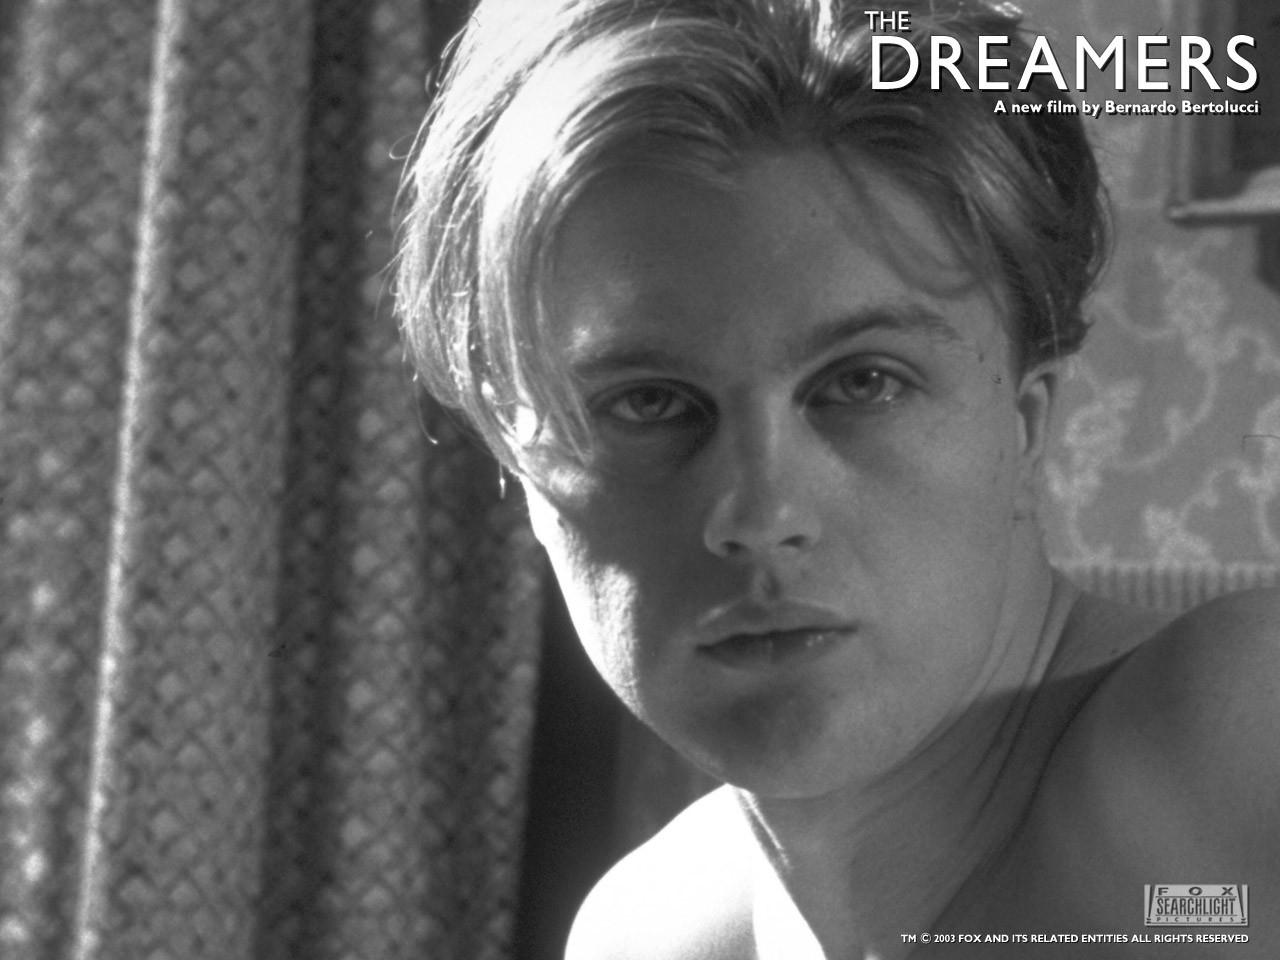 Wallpaper del film The dreamers - I sognatori con Michael Pitt